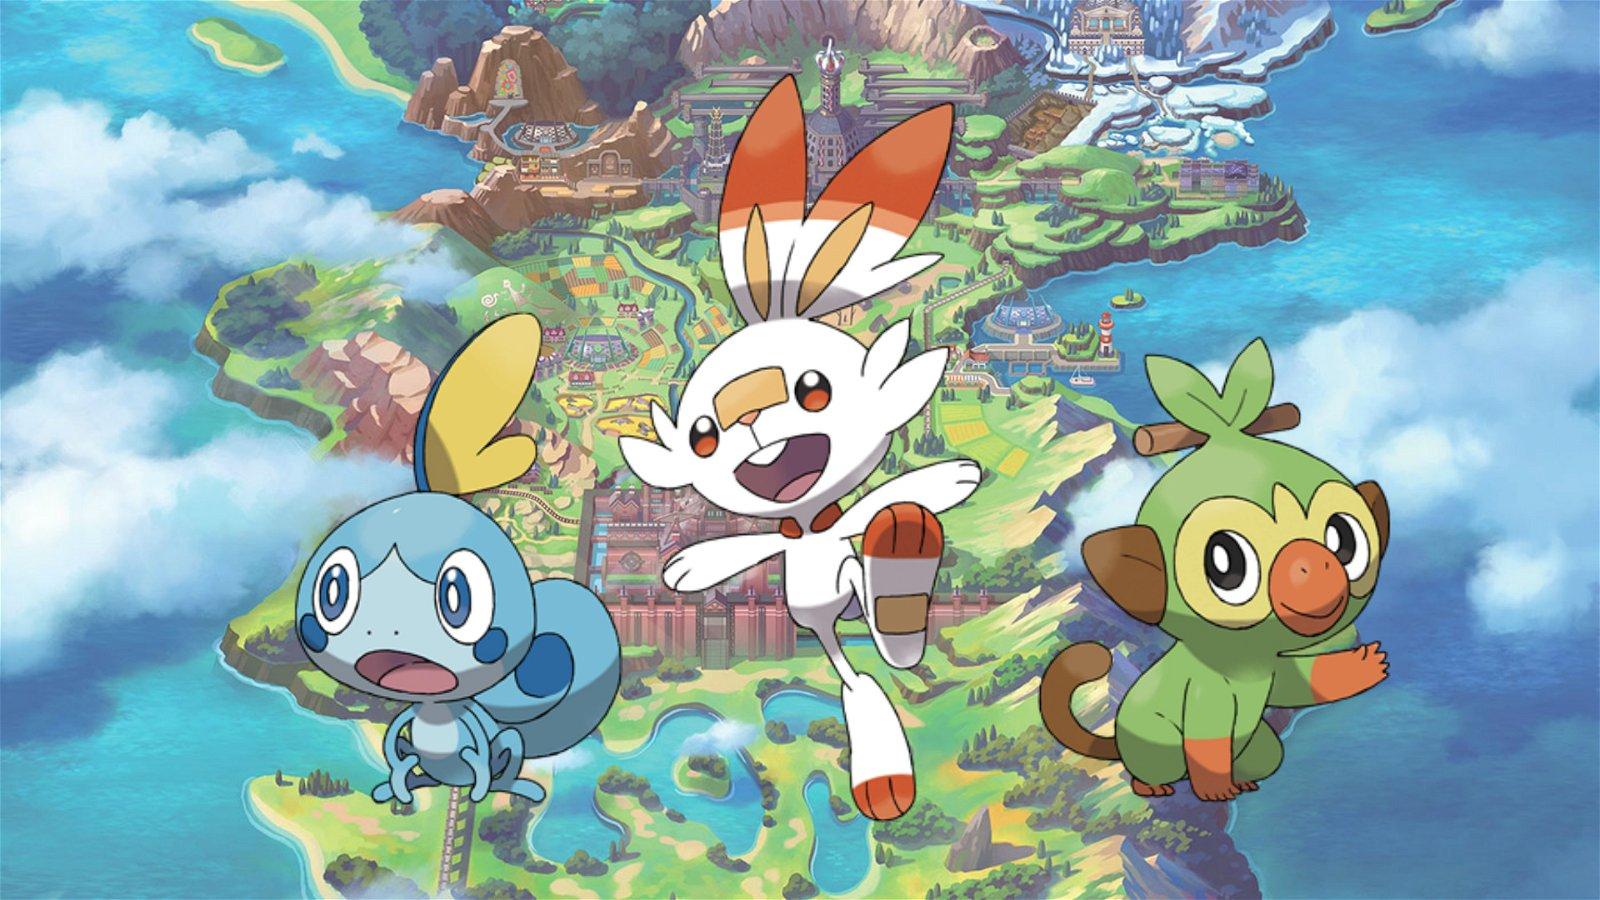 Pokémon Sword and Shield Announced